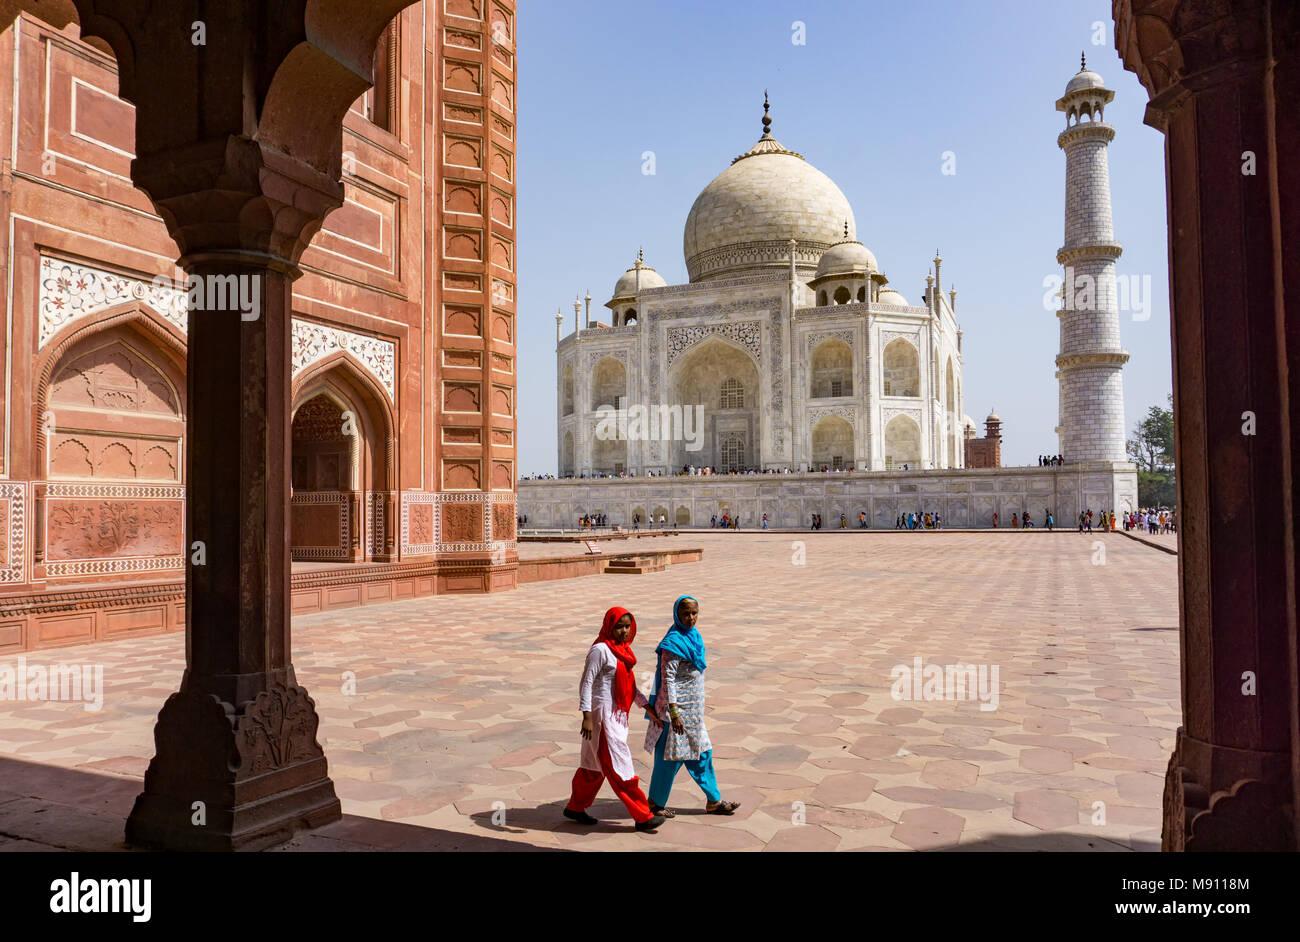 Agra, India - 03 Marzo 2018: due donne indiane al Taj Mahal. Il Taj Mahal è un bianco-avorio mausoleo di marmo e il più famoso punto di riferimento in India. Immagini Stock